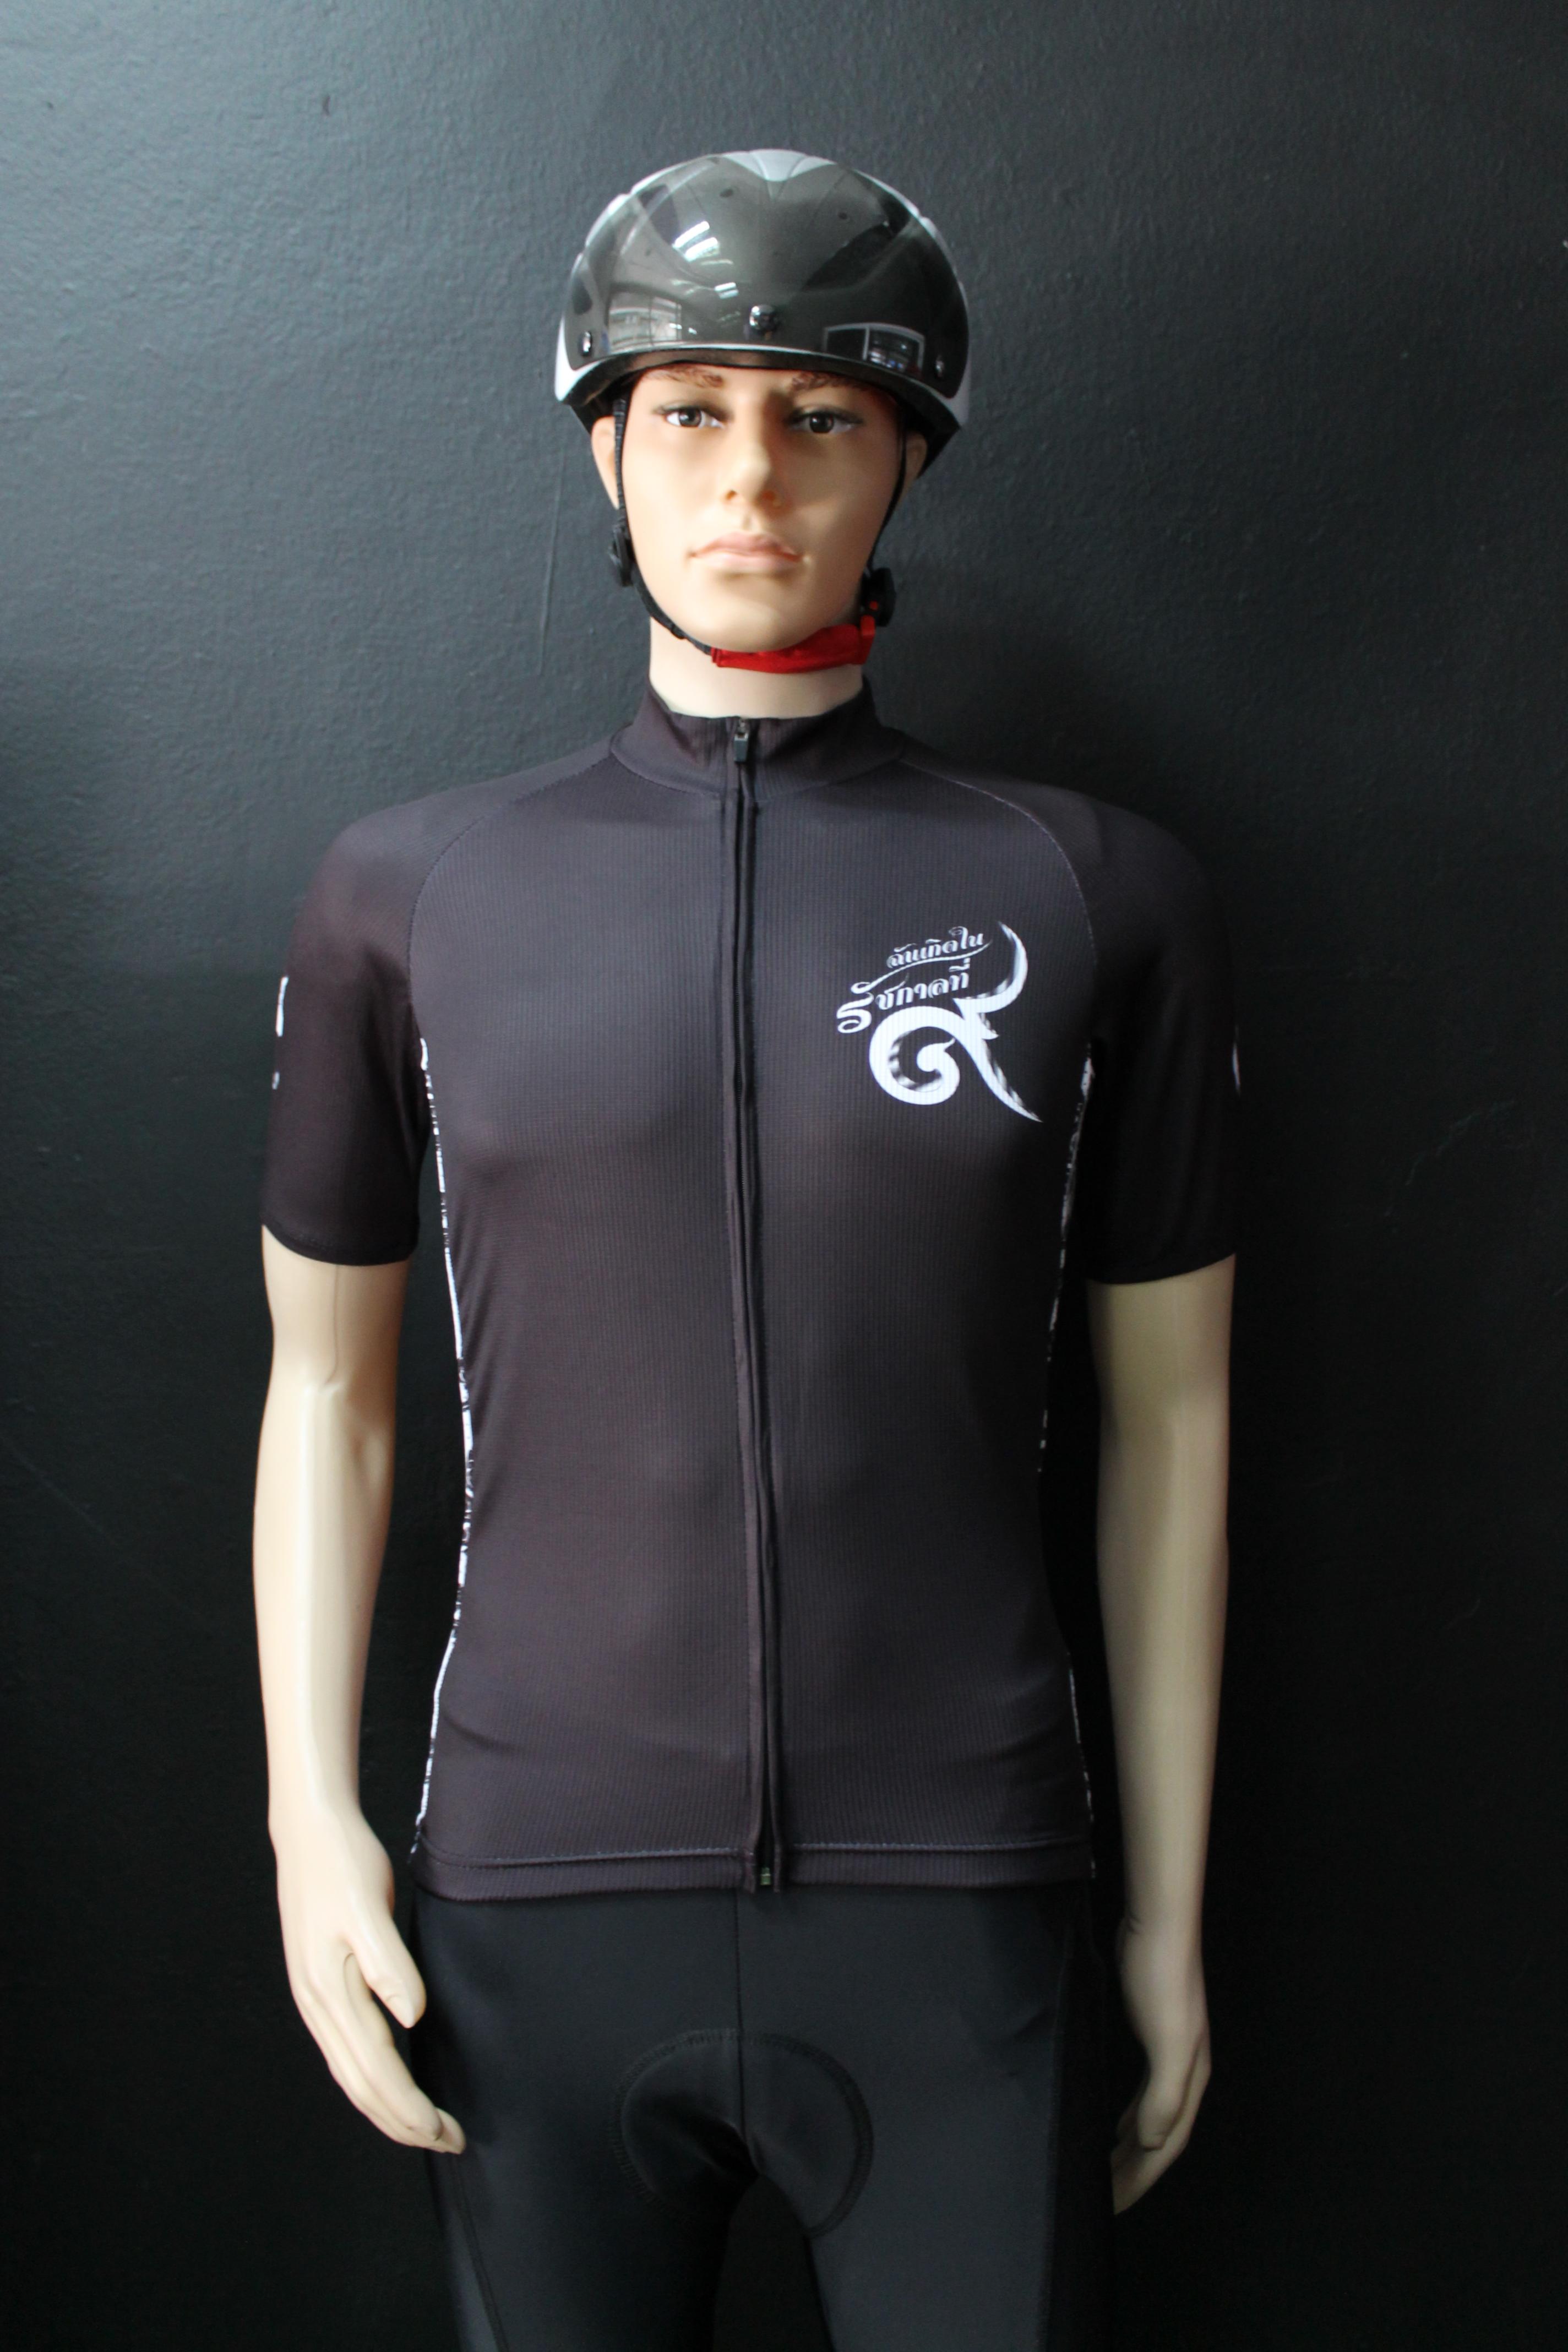 เสื้อปั่นจักรยานสีดำ รุ่น 2 (ป้ายดำ)